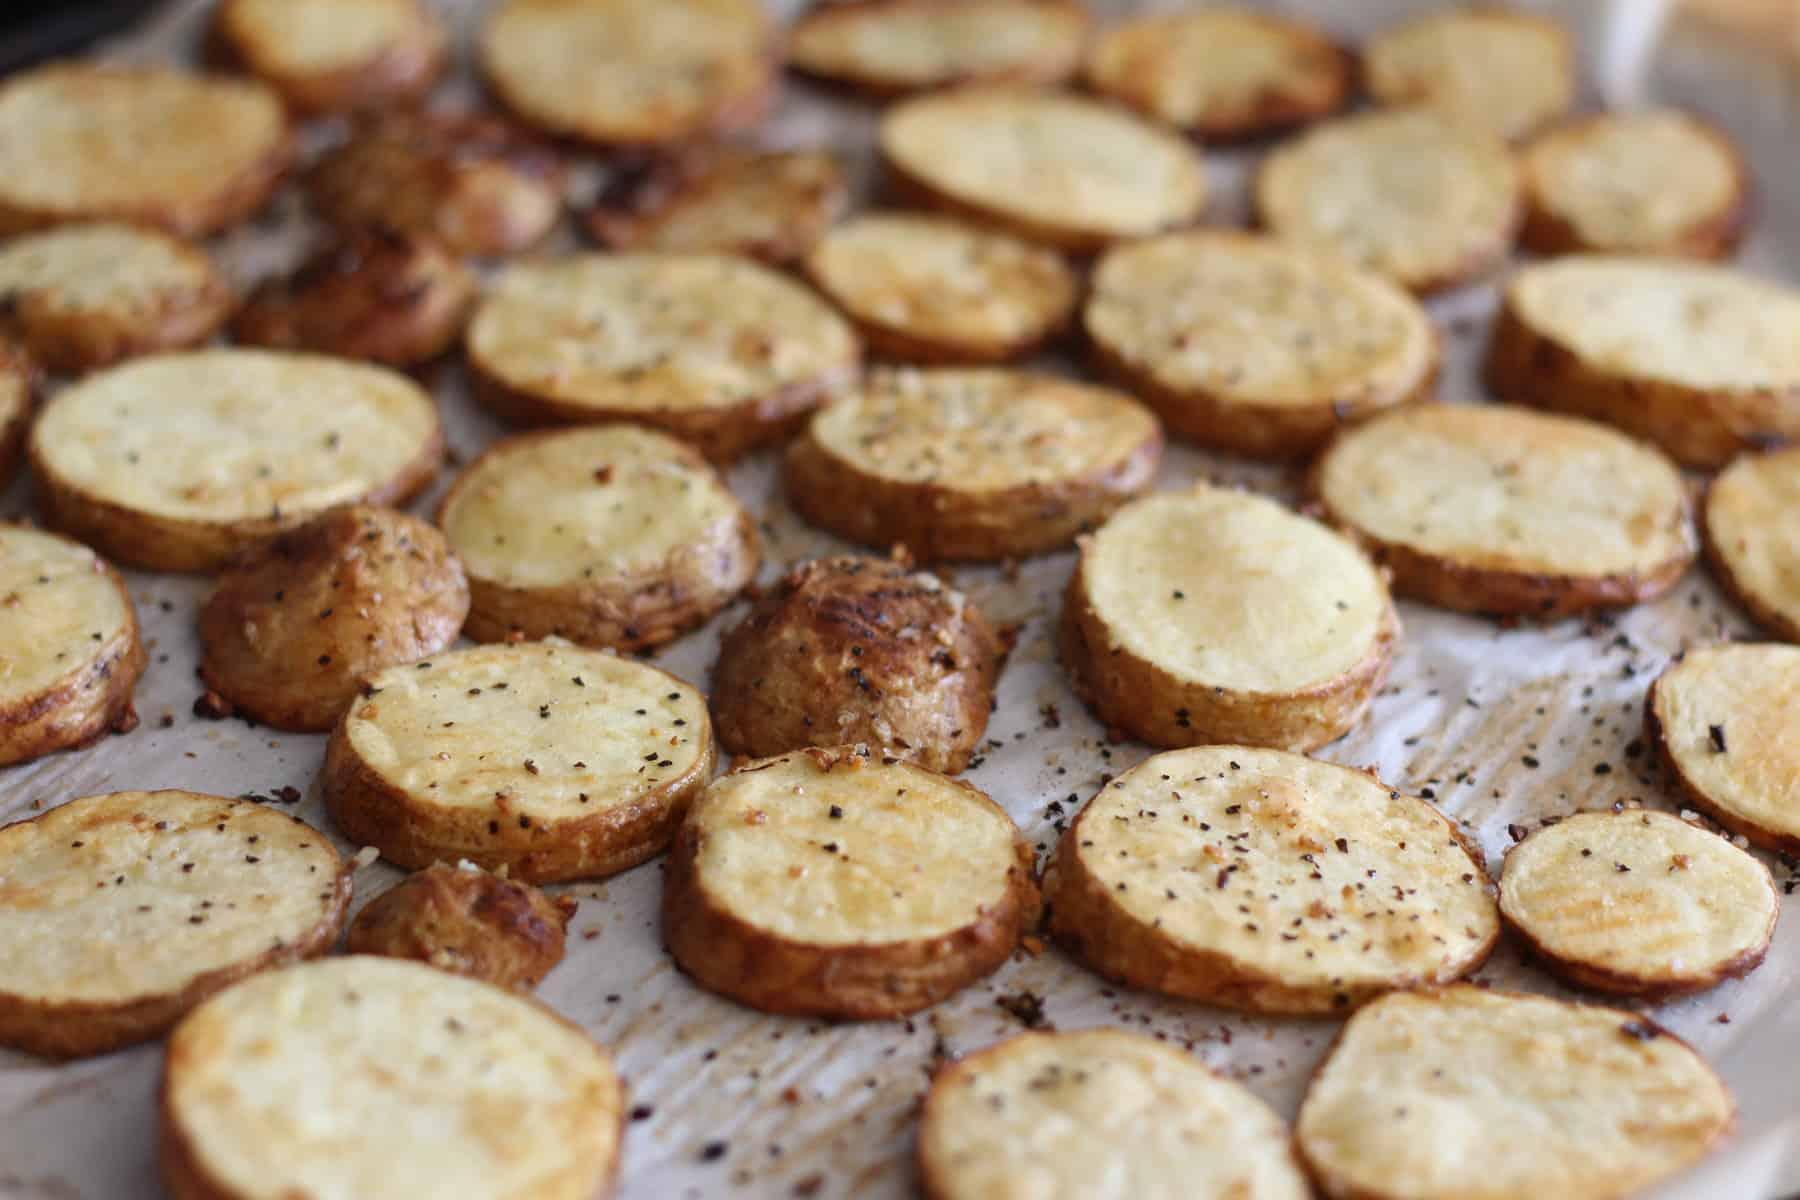 Patates grillées au four façon Montréal